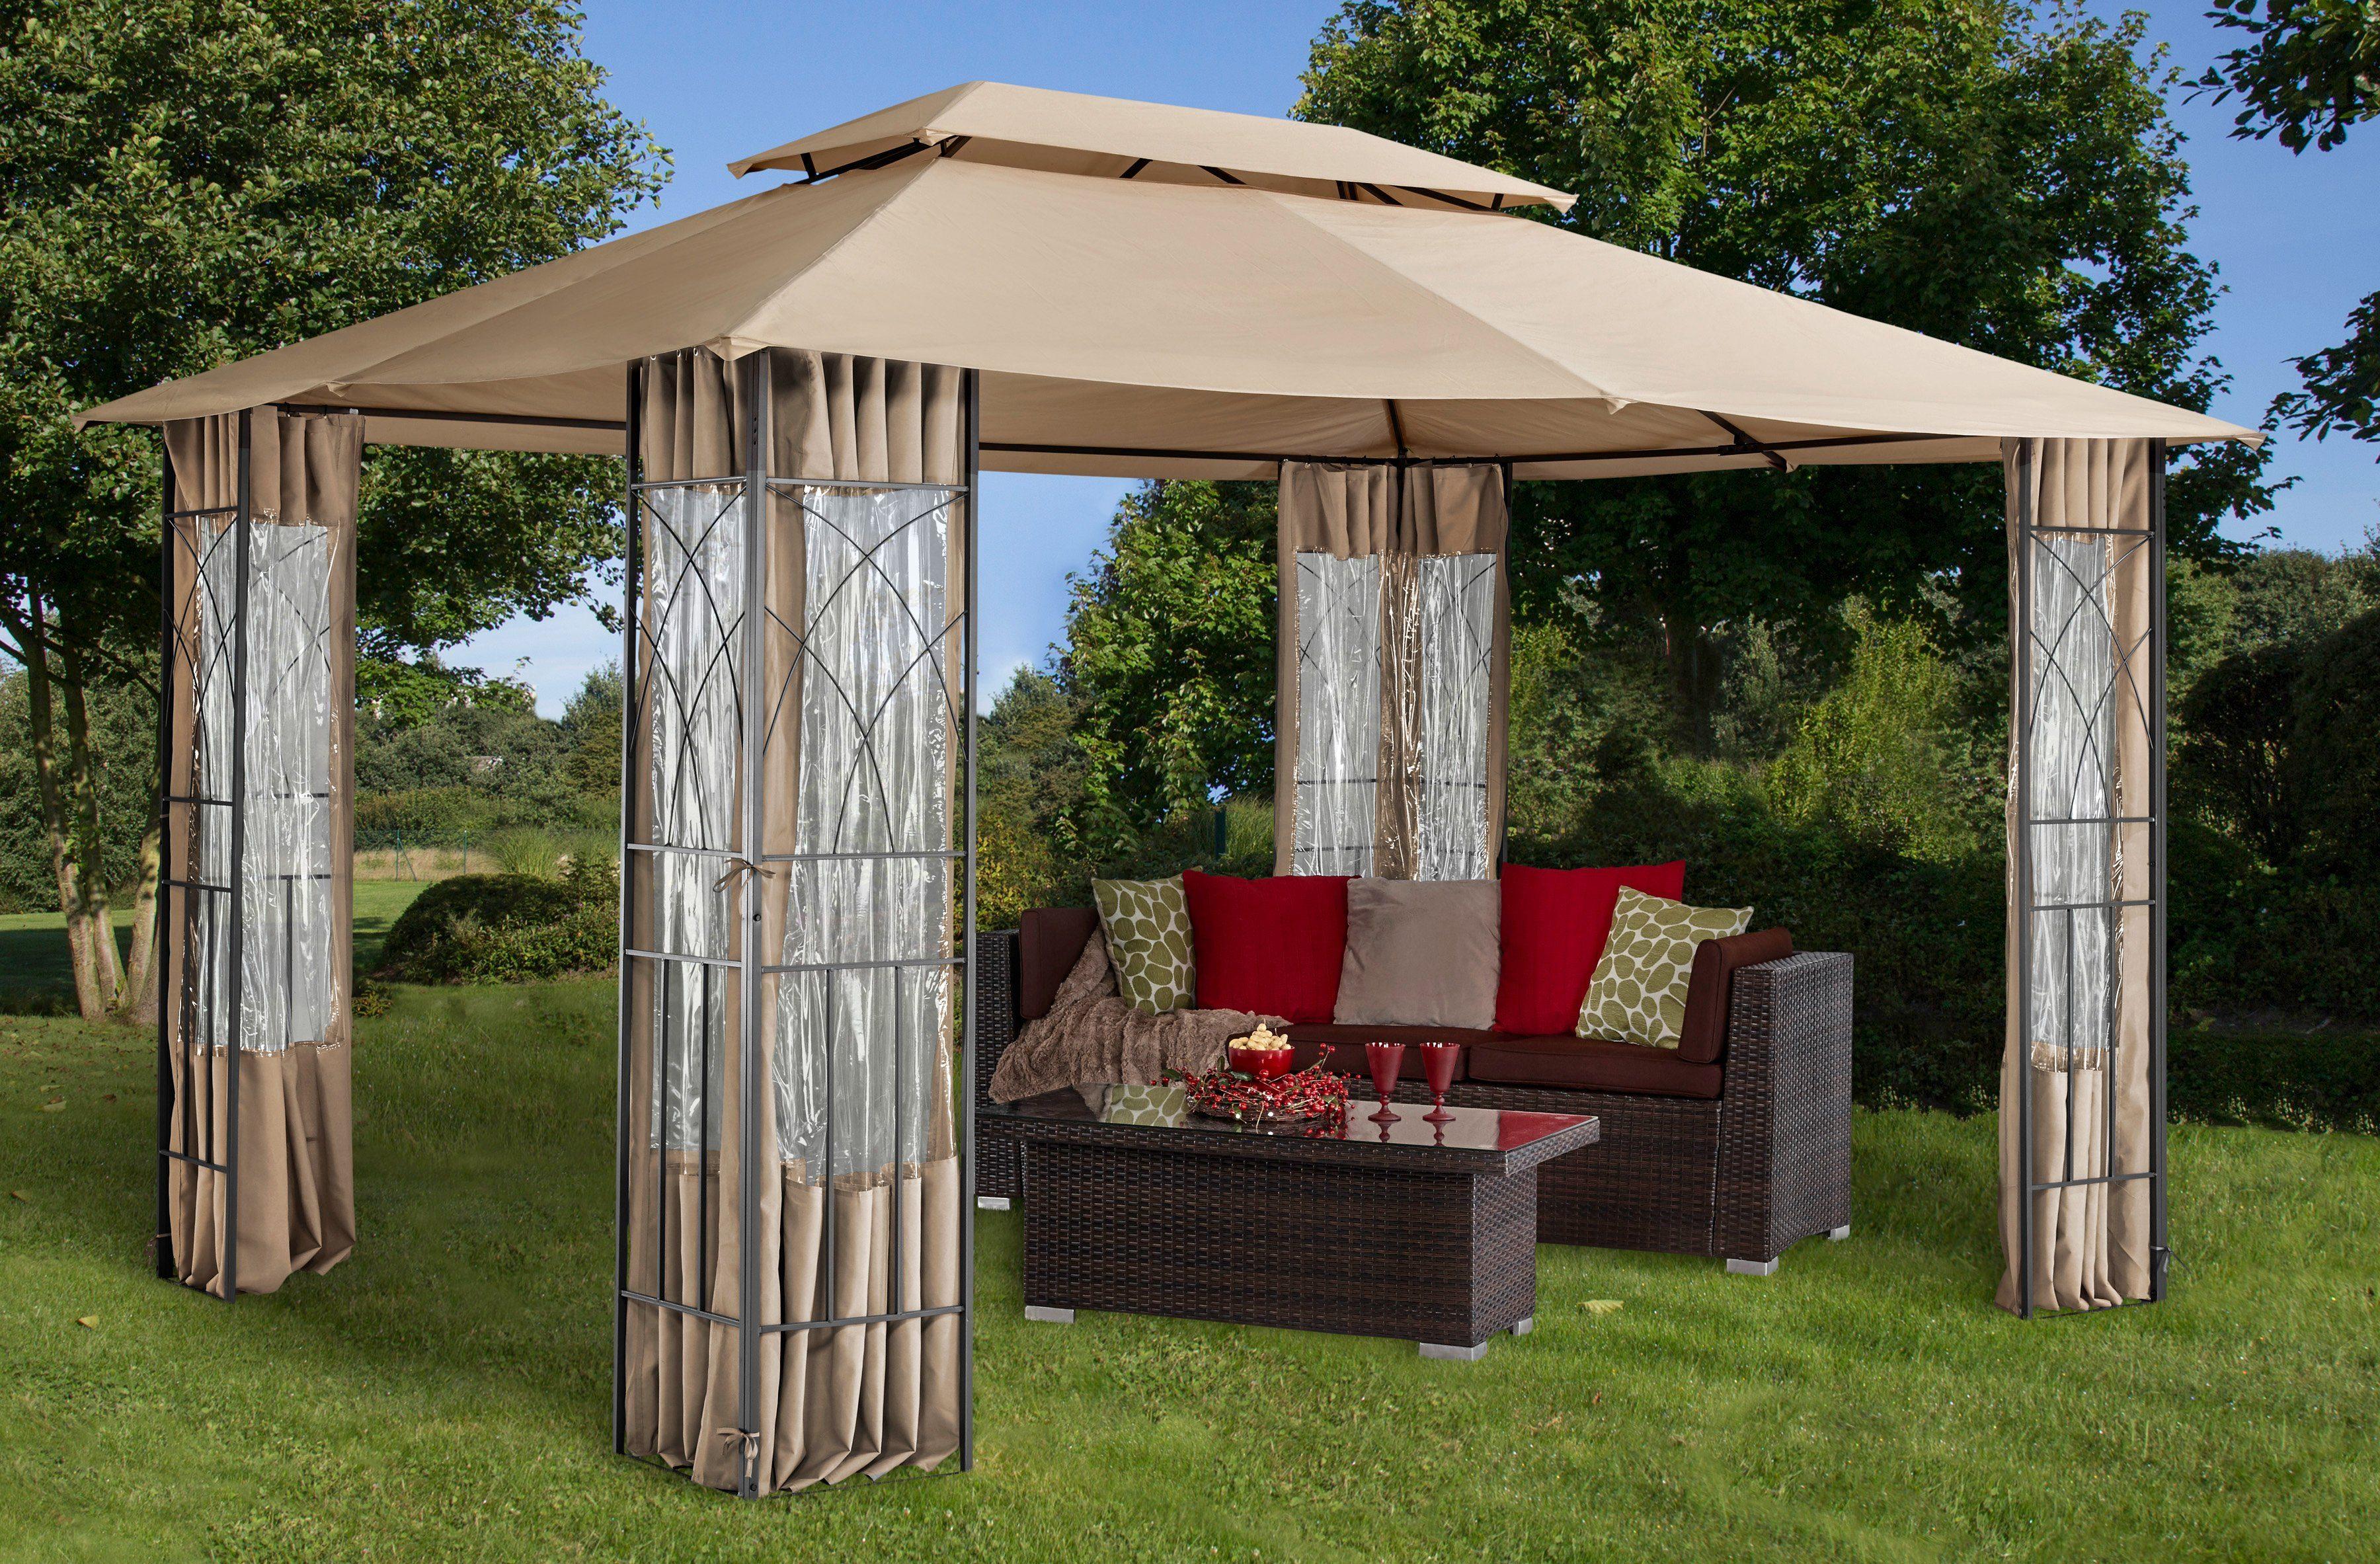 pavillon klein wasserdicht pavillons f r jeden anspruch und geschmack von hellweg st bern das. Black Bedroom Furniture Sets. Home Design Ideas